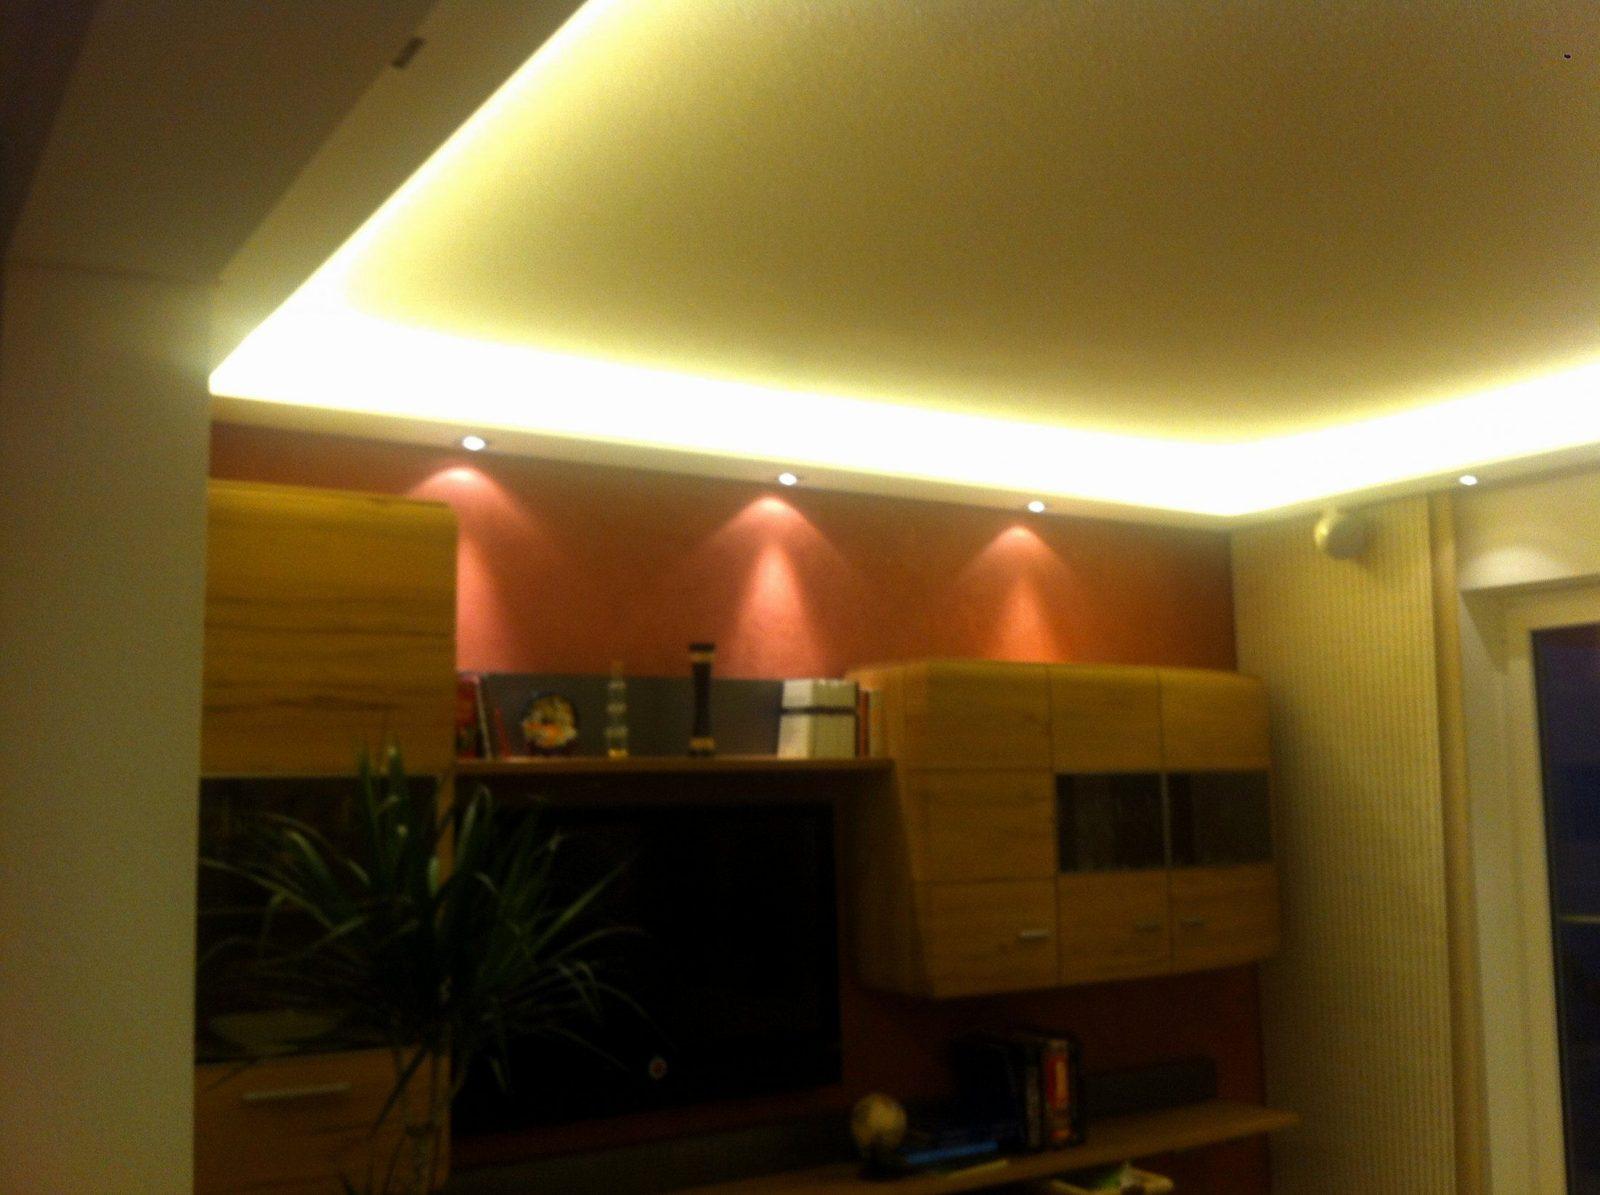 Indirekte Beleuchtung Selber Bauen Anleitung Inspirierend Led von Indirekte Wandbeleuchtung Selber Bauen Bild